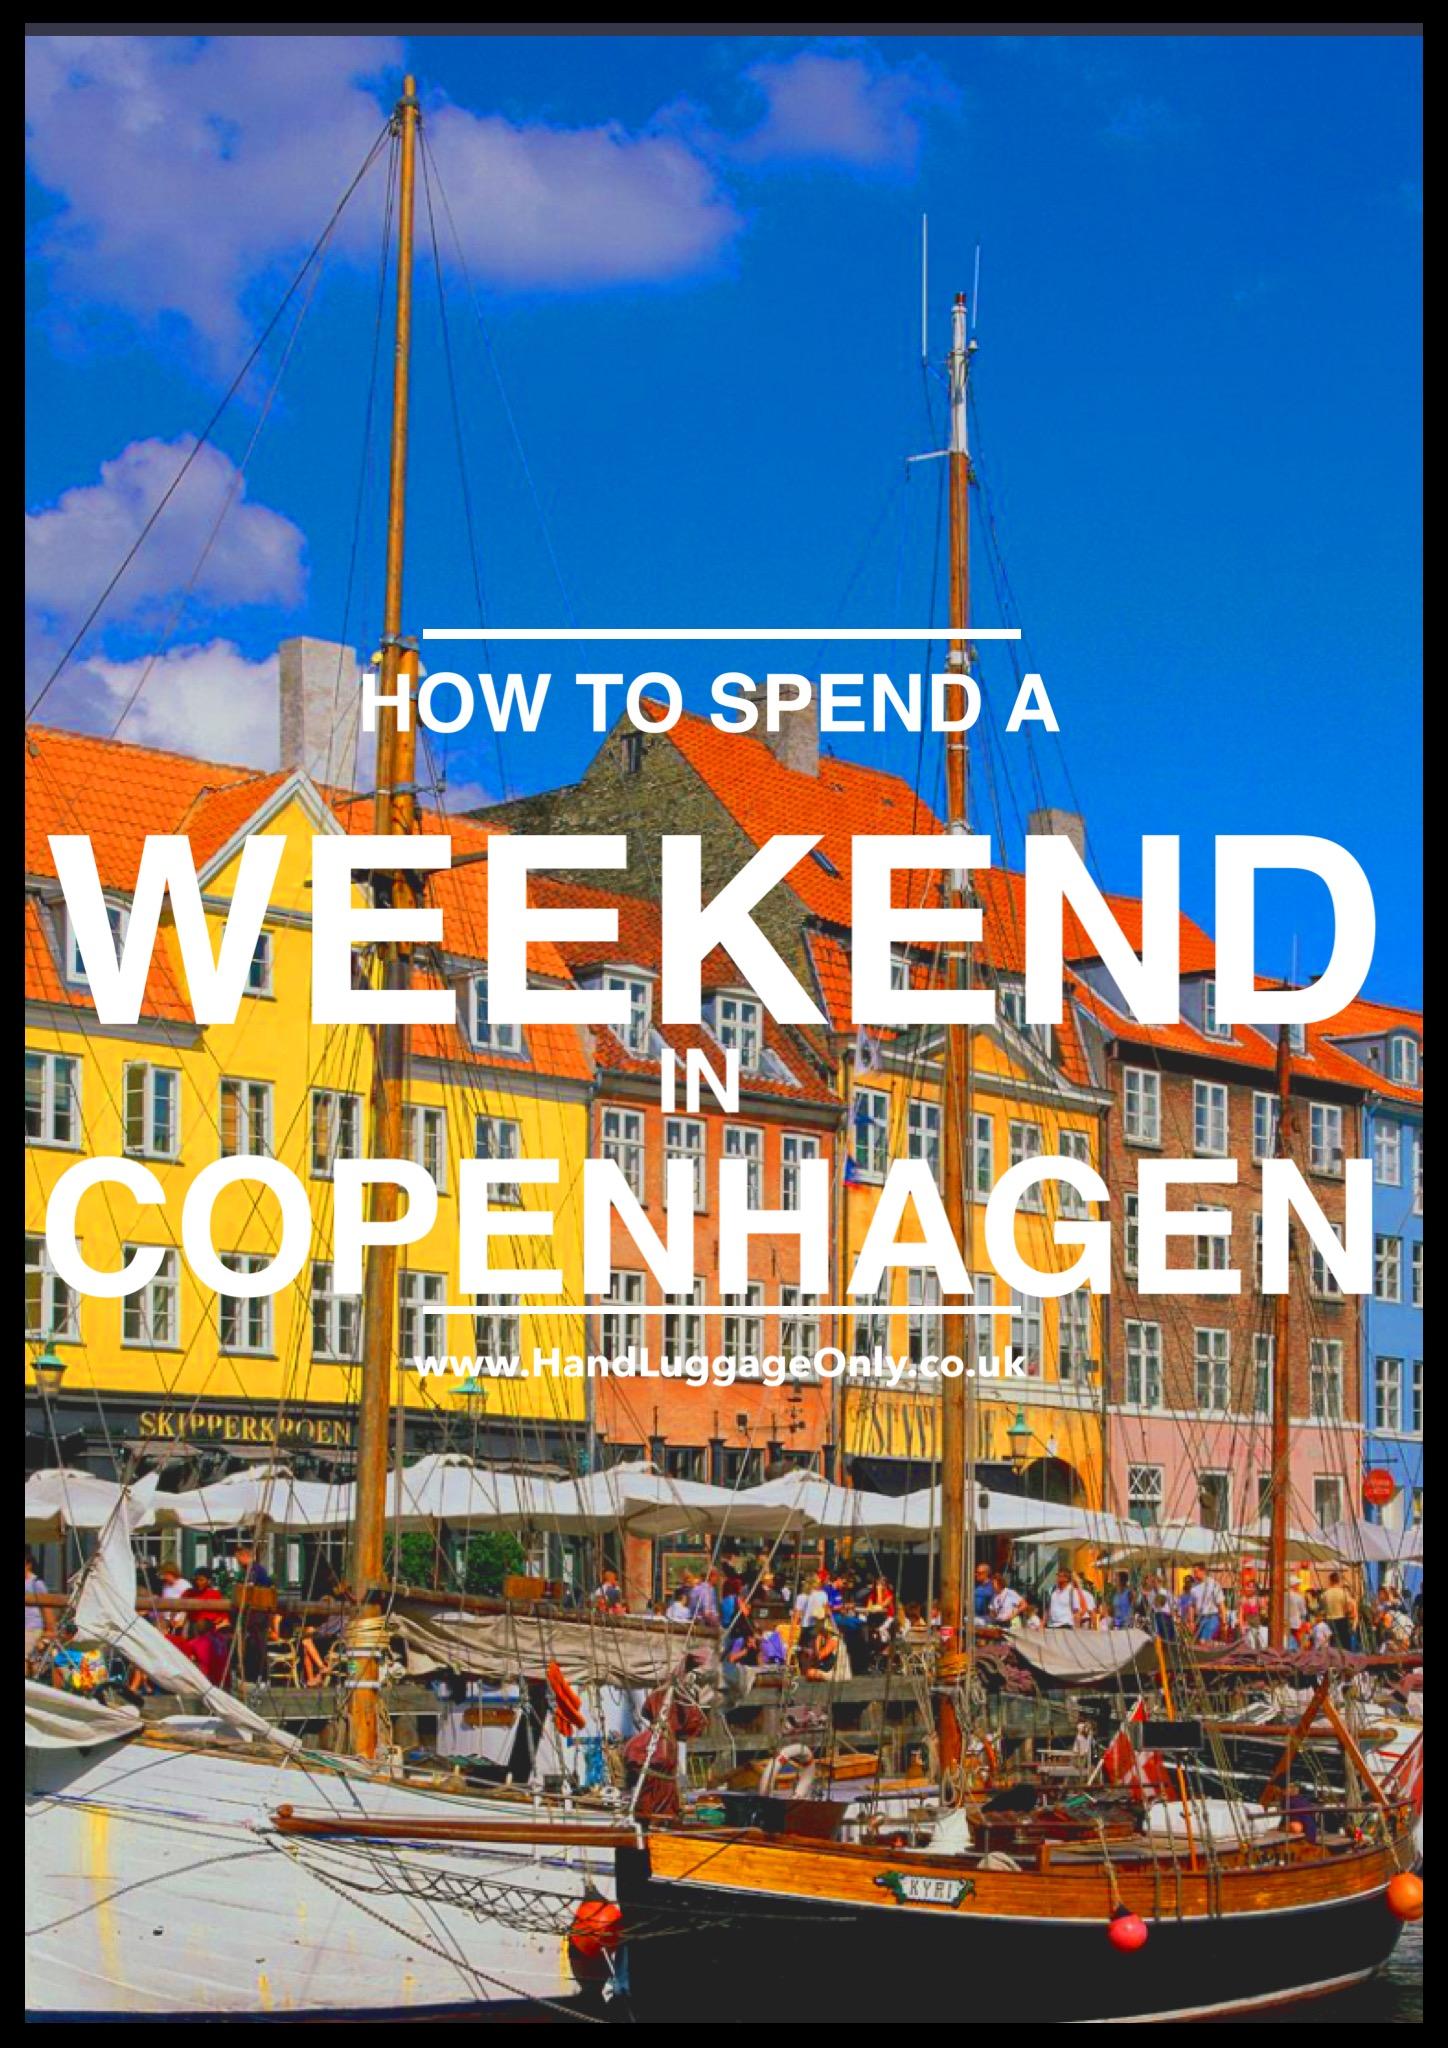 How To Spend a Weekend in Copenhagen!